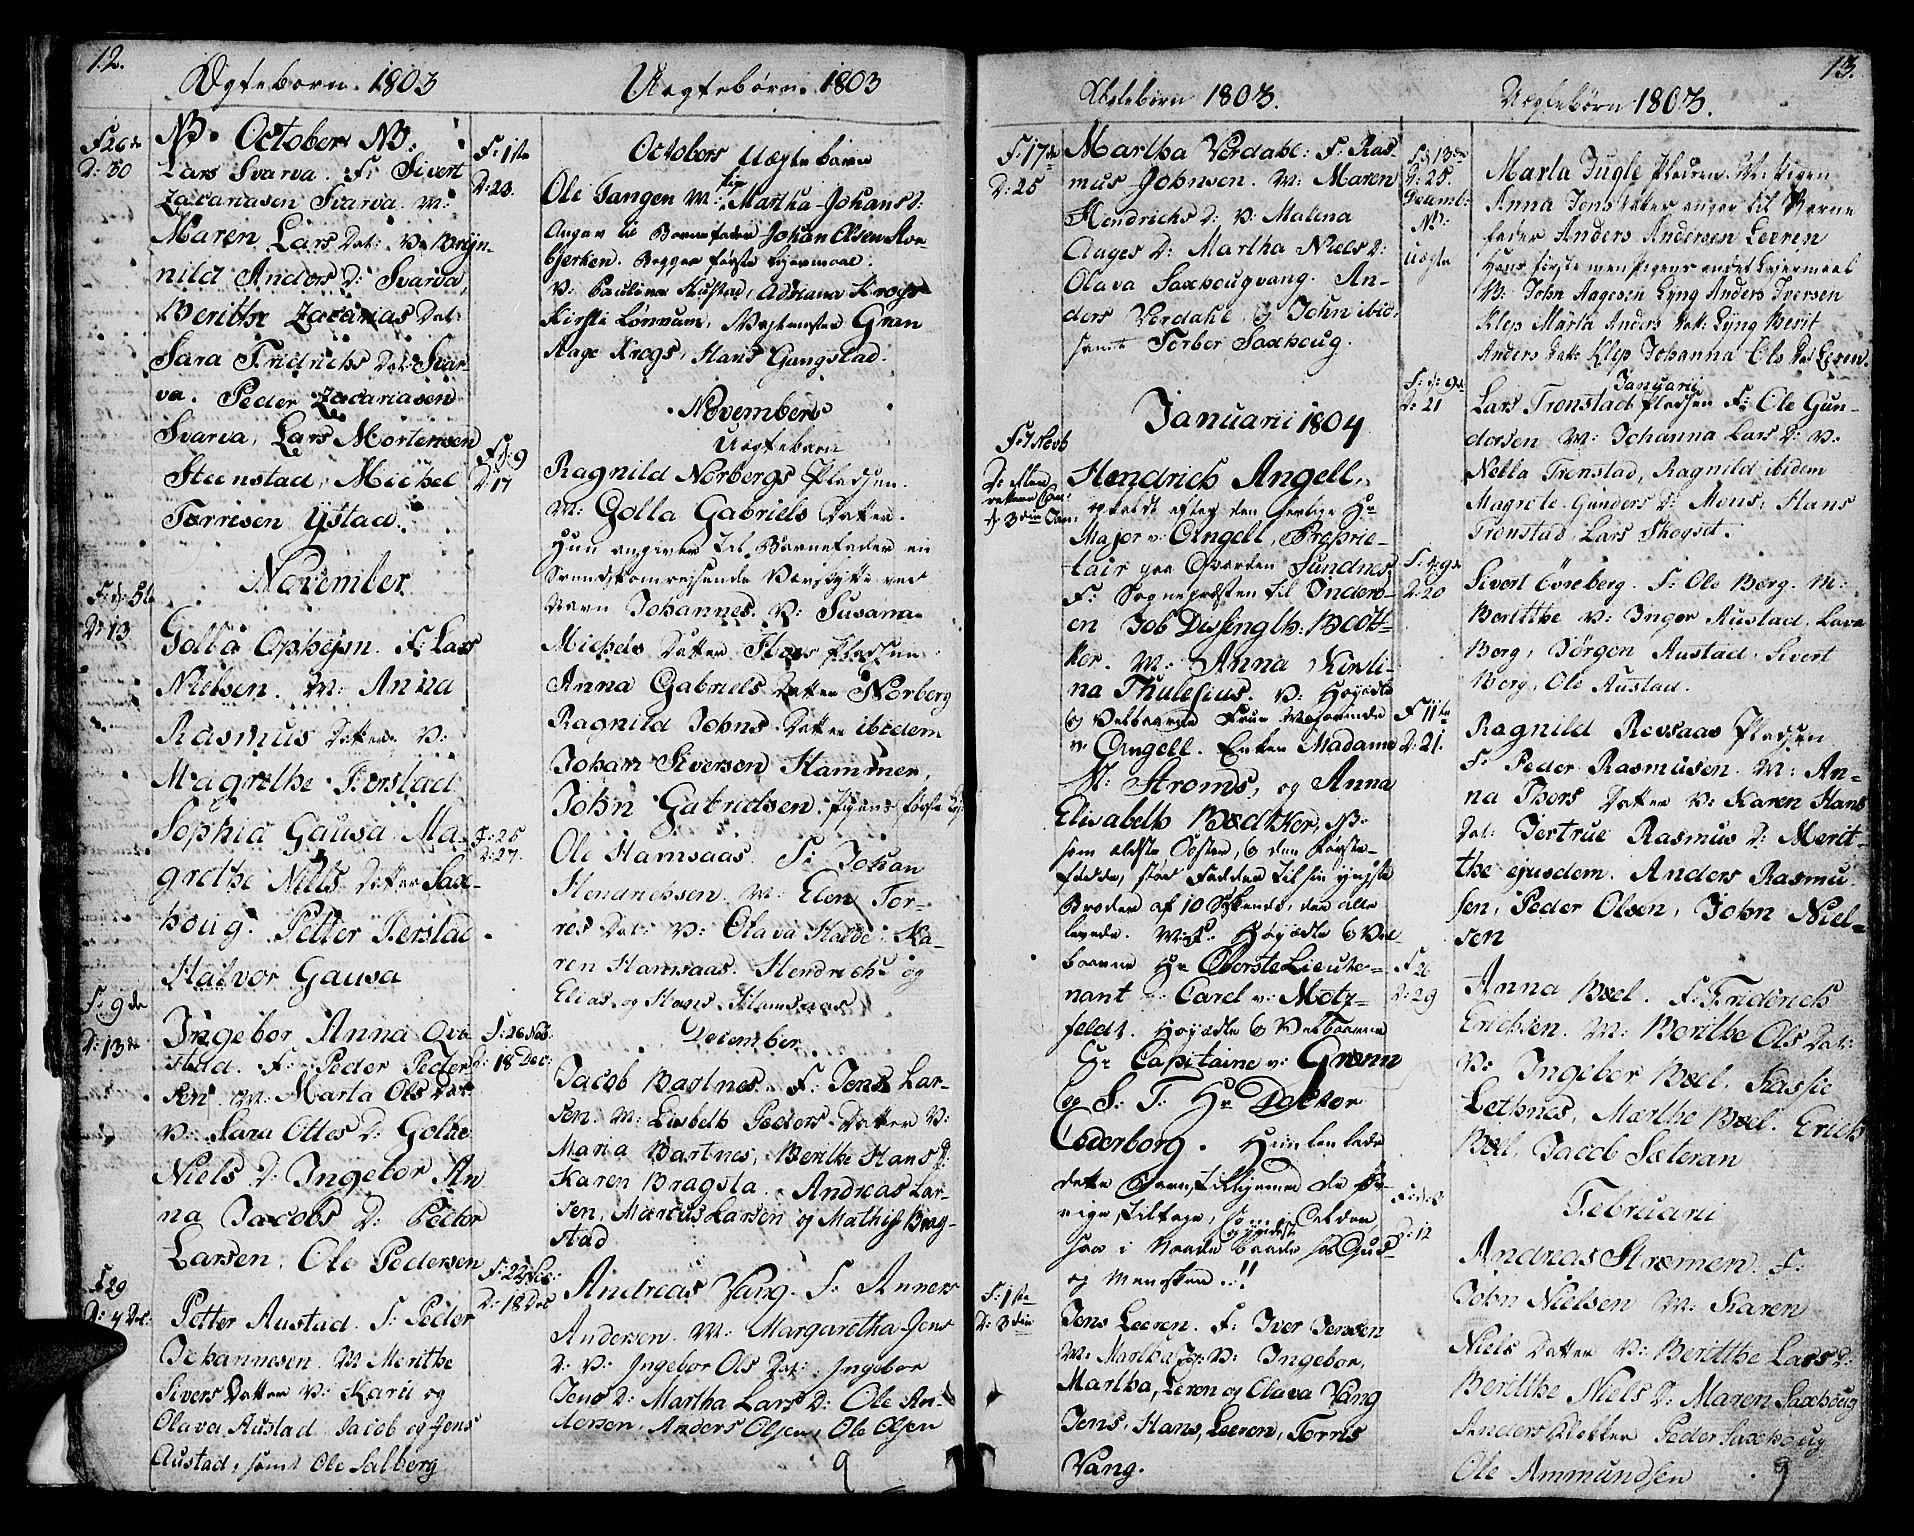 SAT, Ministerialprotokoller, klokkerbøker og fødselsregistre - Nord-Trøndelag, 730/L0274: Ministerialbok nr. 730A03, 1802-1816, s. 12-13